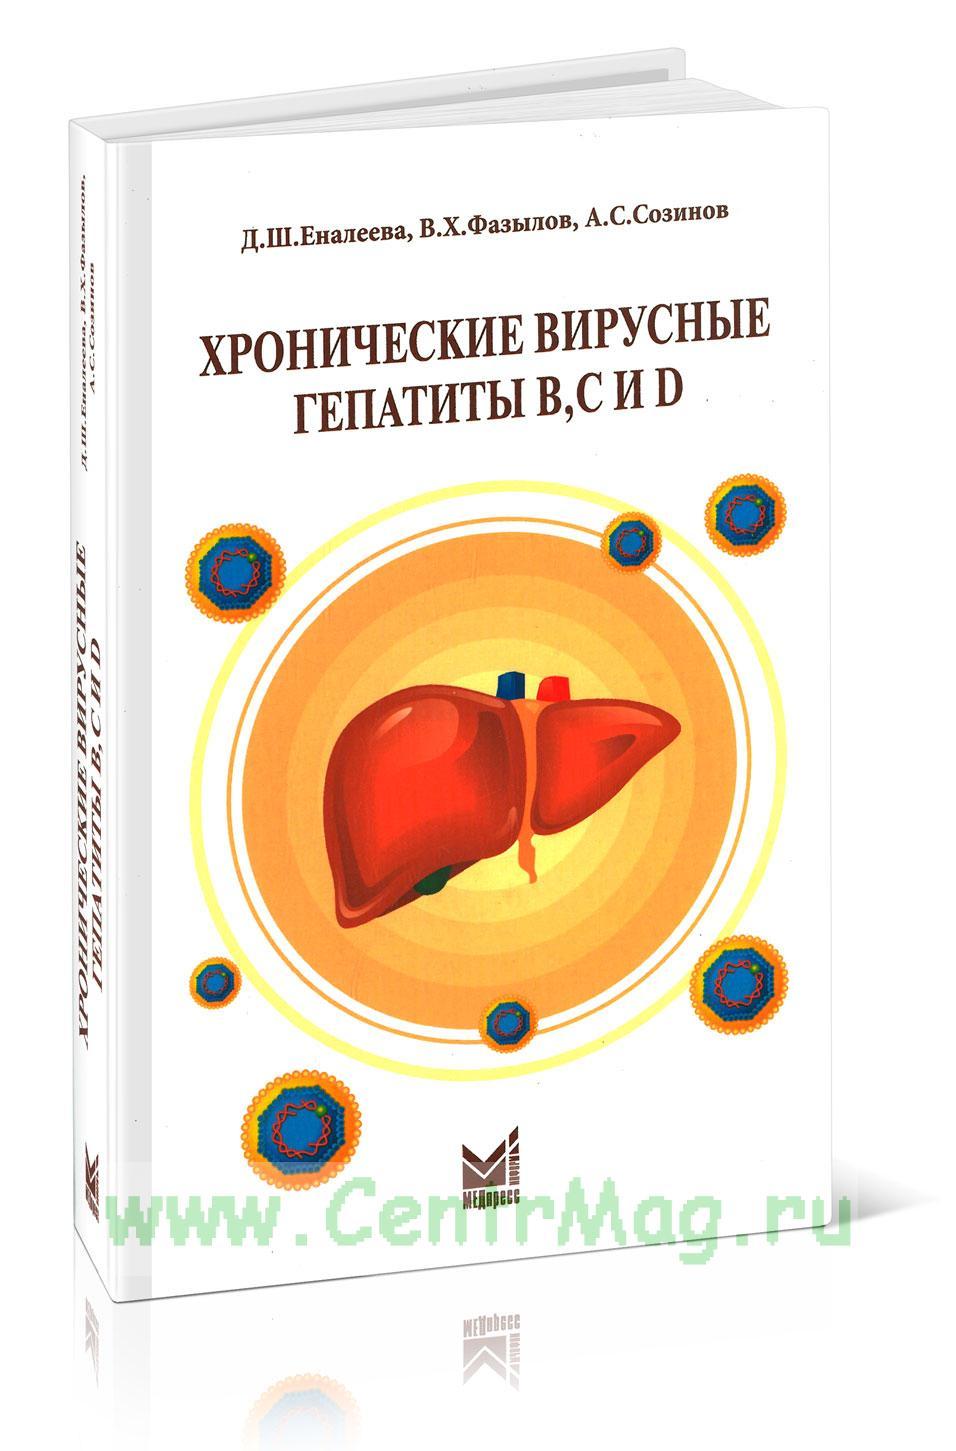 Хронические вирусные гепатиты B, C и D. Руководство для врачей